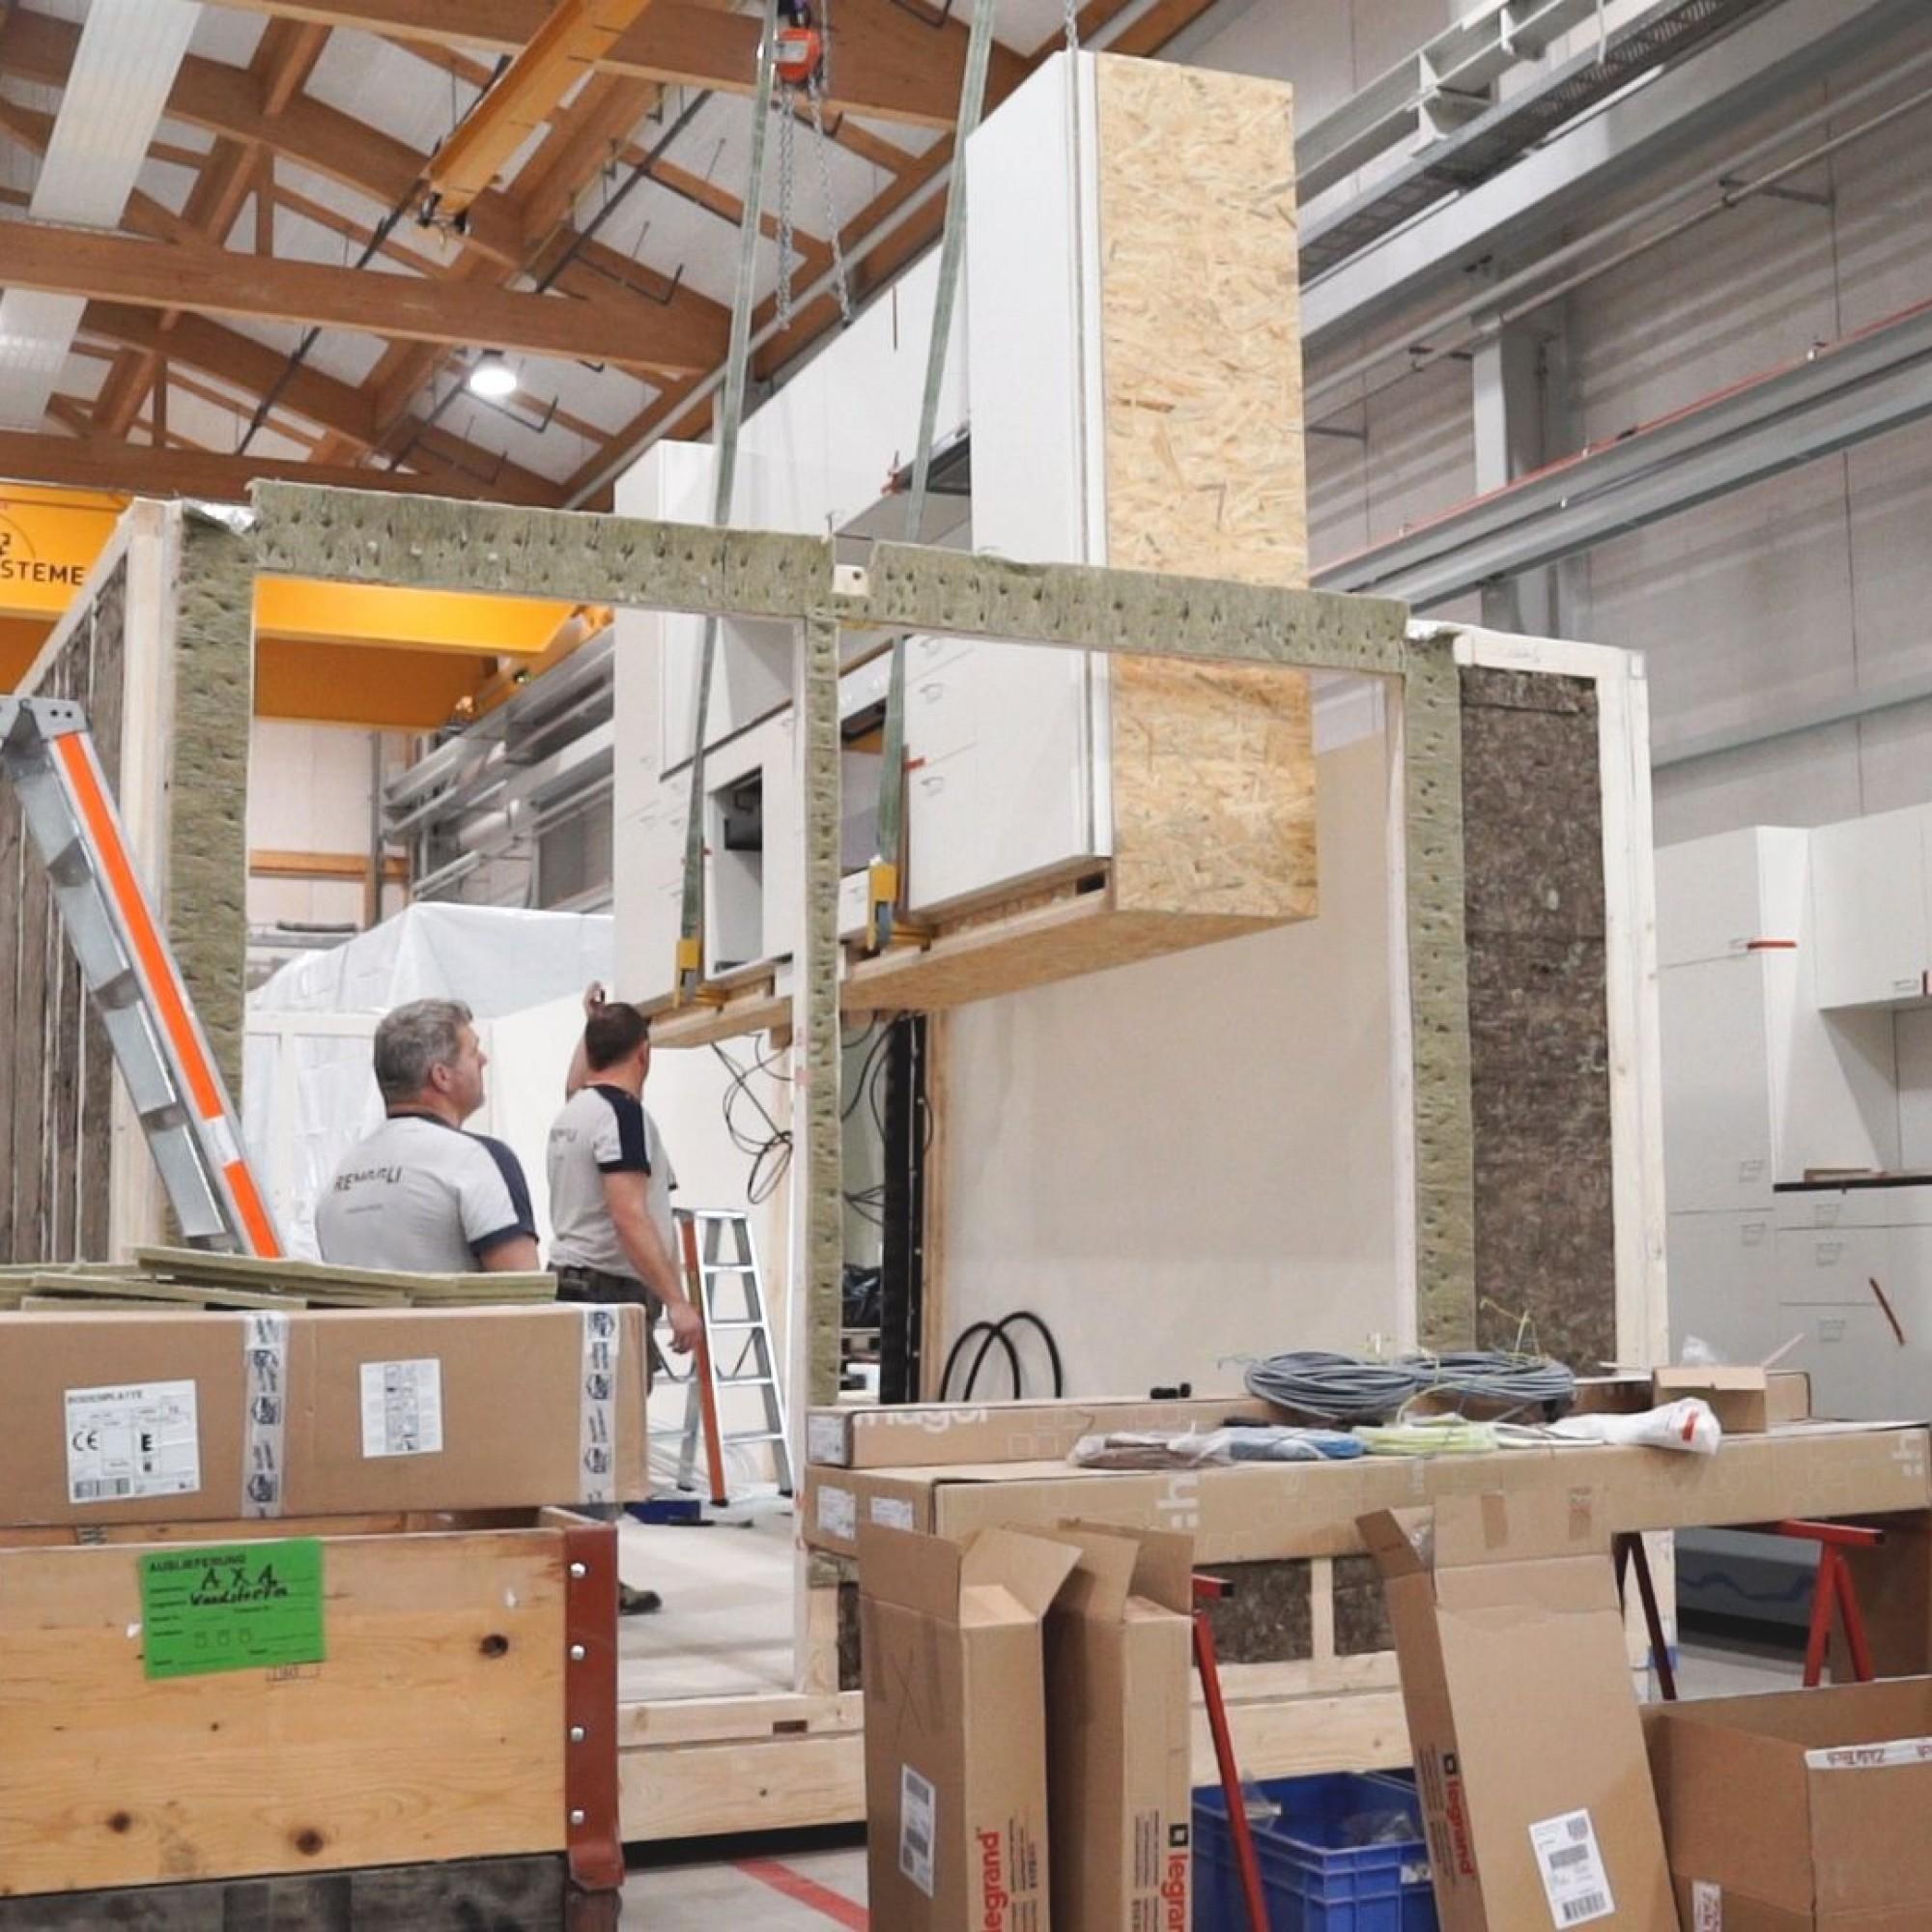 Das Projekt basiert auf einem neuartigen Hochleistungs-Hybridbausystem: die Wohnungen werden als Raummodule von der Renggli AG vollständig vorgefertigt.